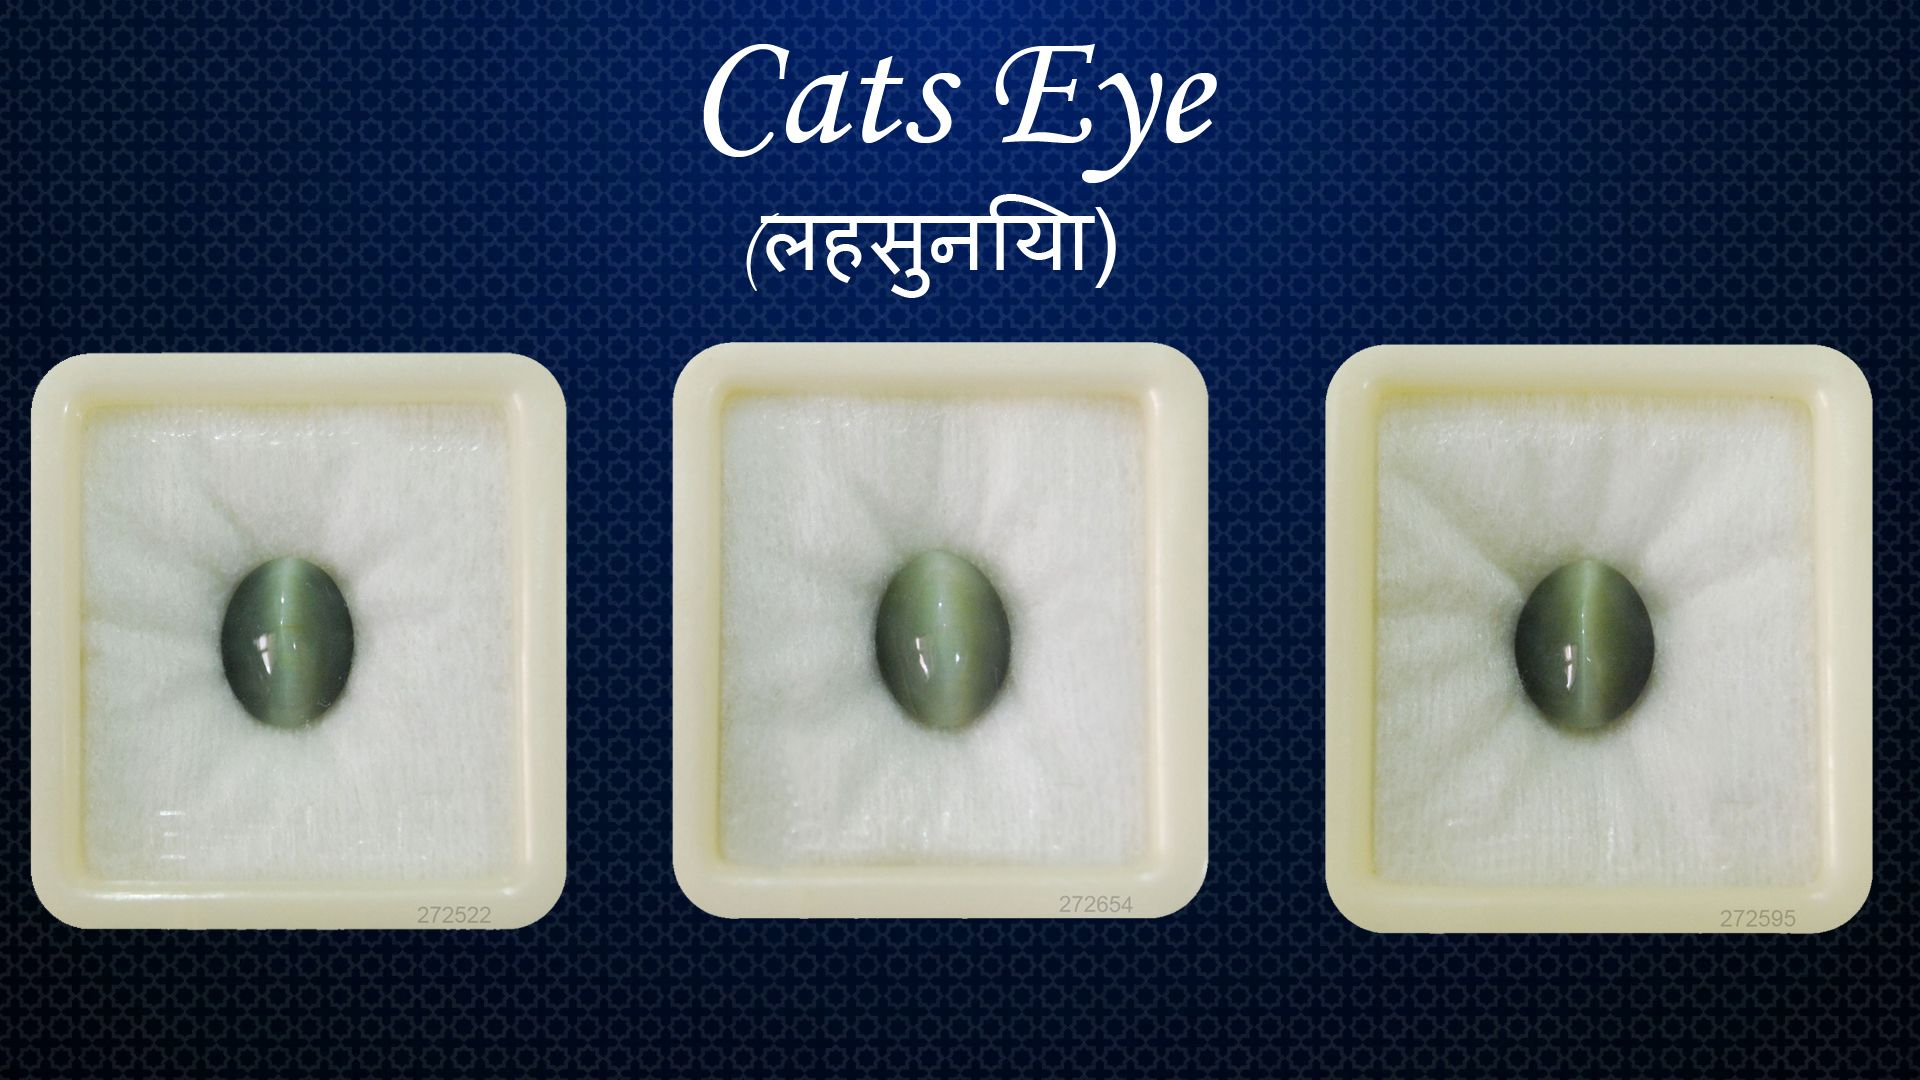 Cats eye stone Catio